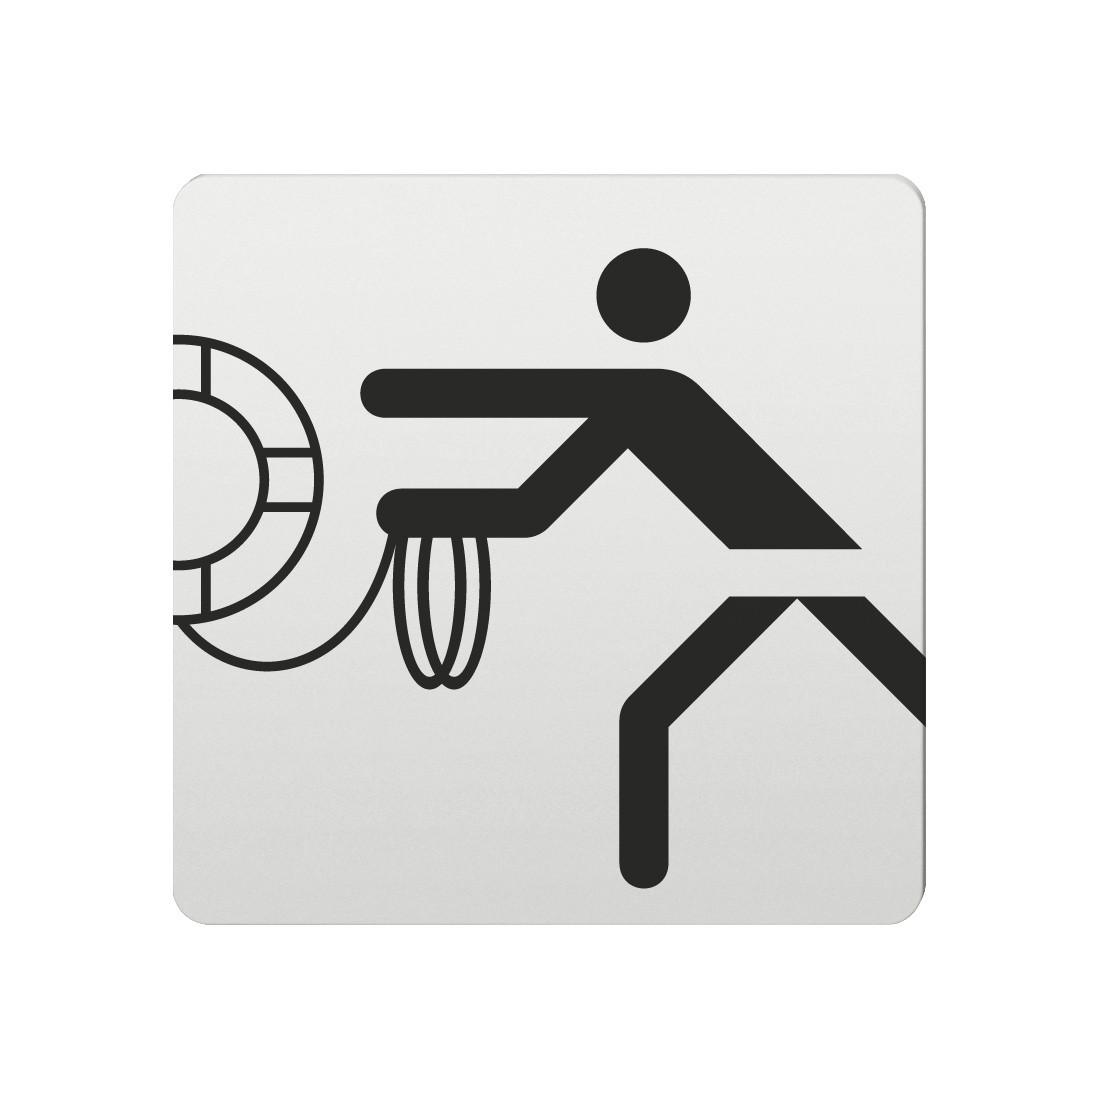 FSB Hinweiszeichen Rettungsring Lasergraviert Aluminium naturfarbig (0 36 4059 00436 0105)